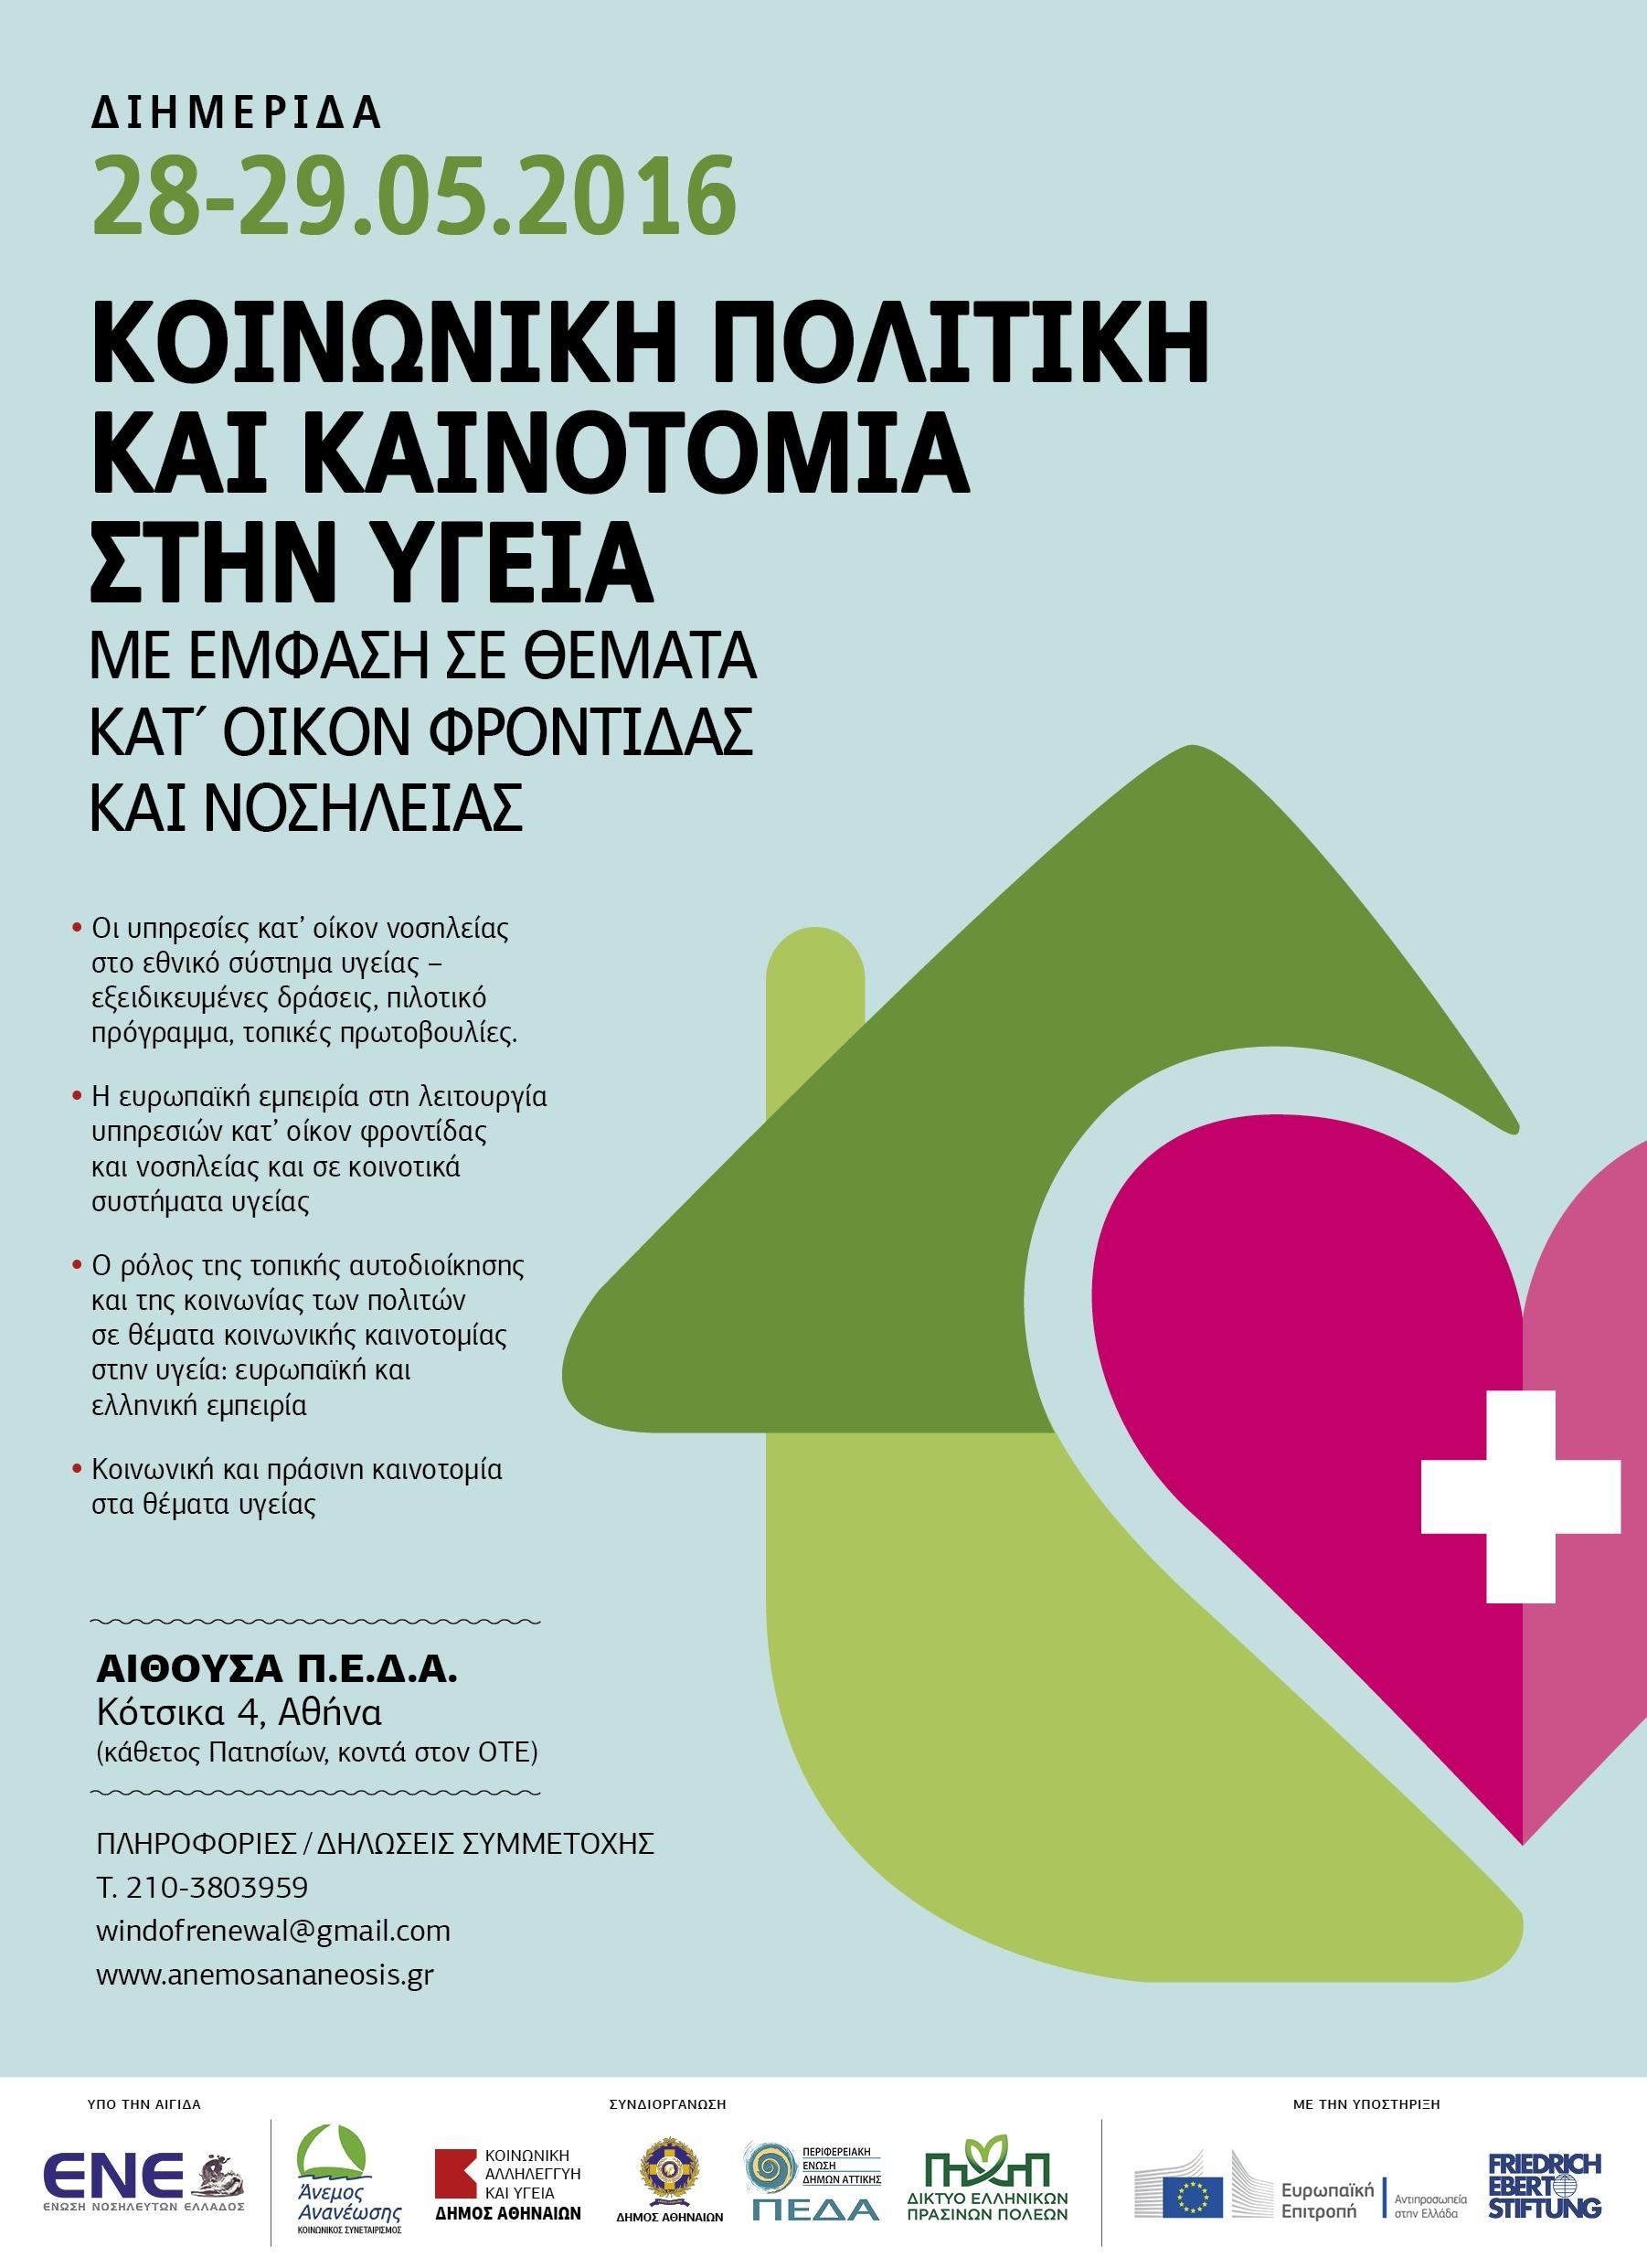 Διημερίδα:  «Κοινωνική πολιτική και κοινωνική καινοτομία στην υγεία»